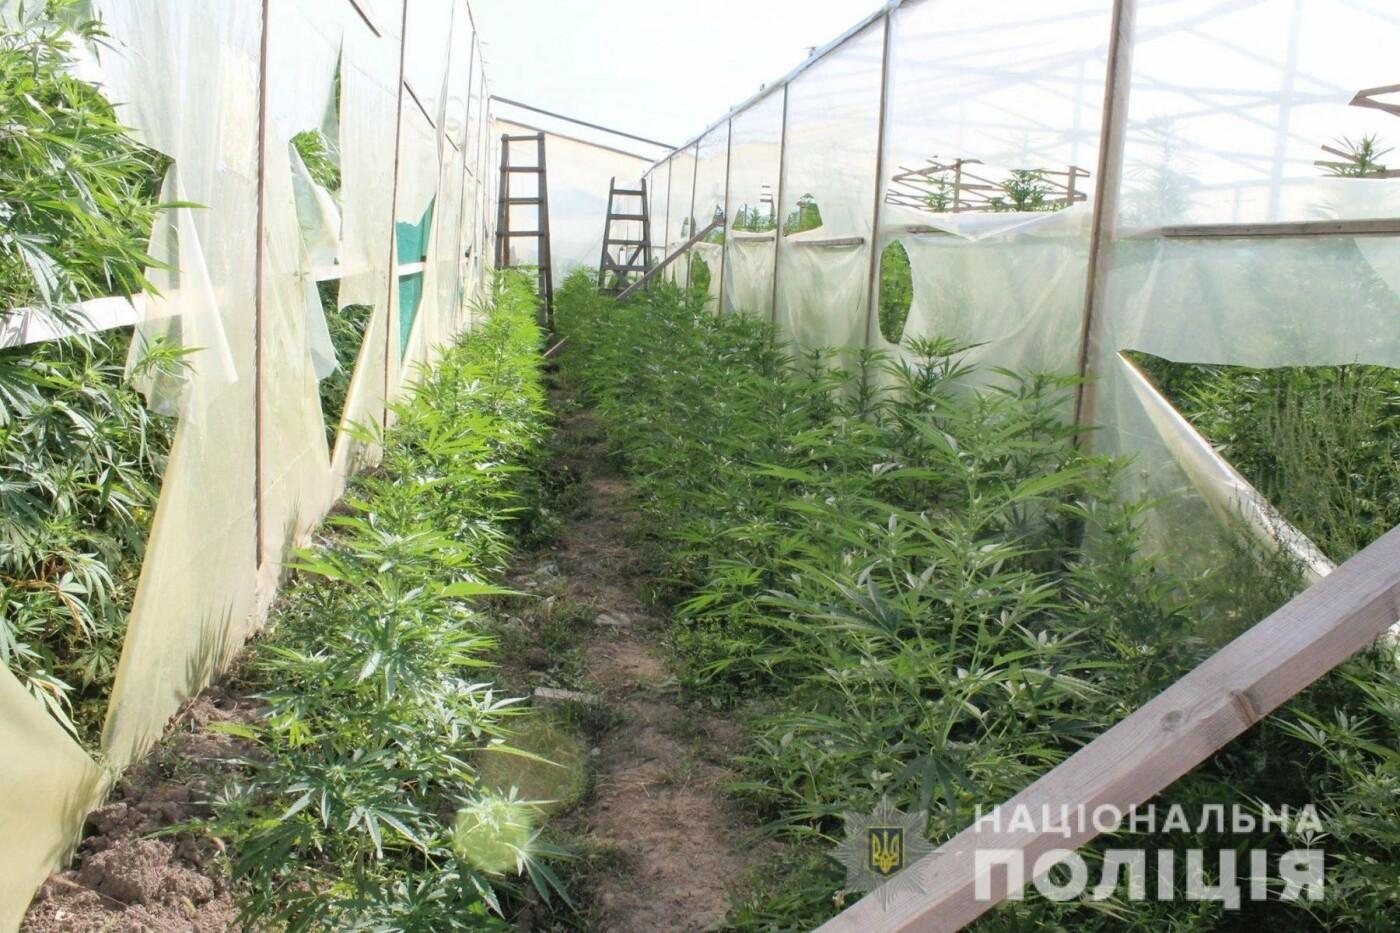 Плантація на 10 мільйонів гривень: на Закарпатті поліція виявила теплиці з марихуаною (ОПЕРАТИВНЕ ВІДЕО, ФОТО), фото-5